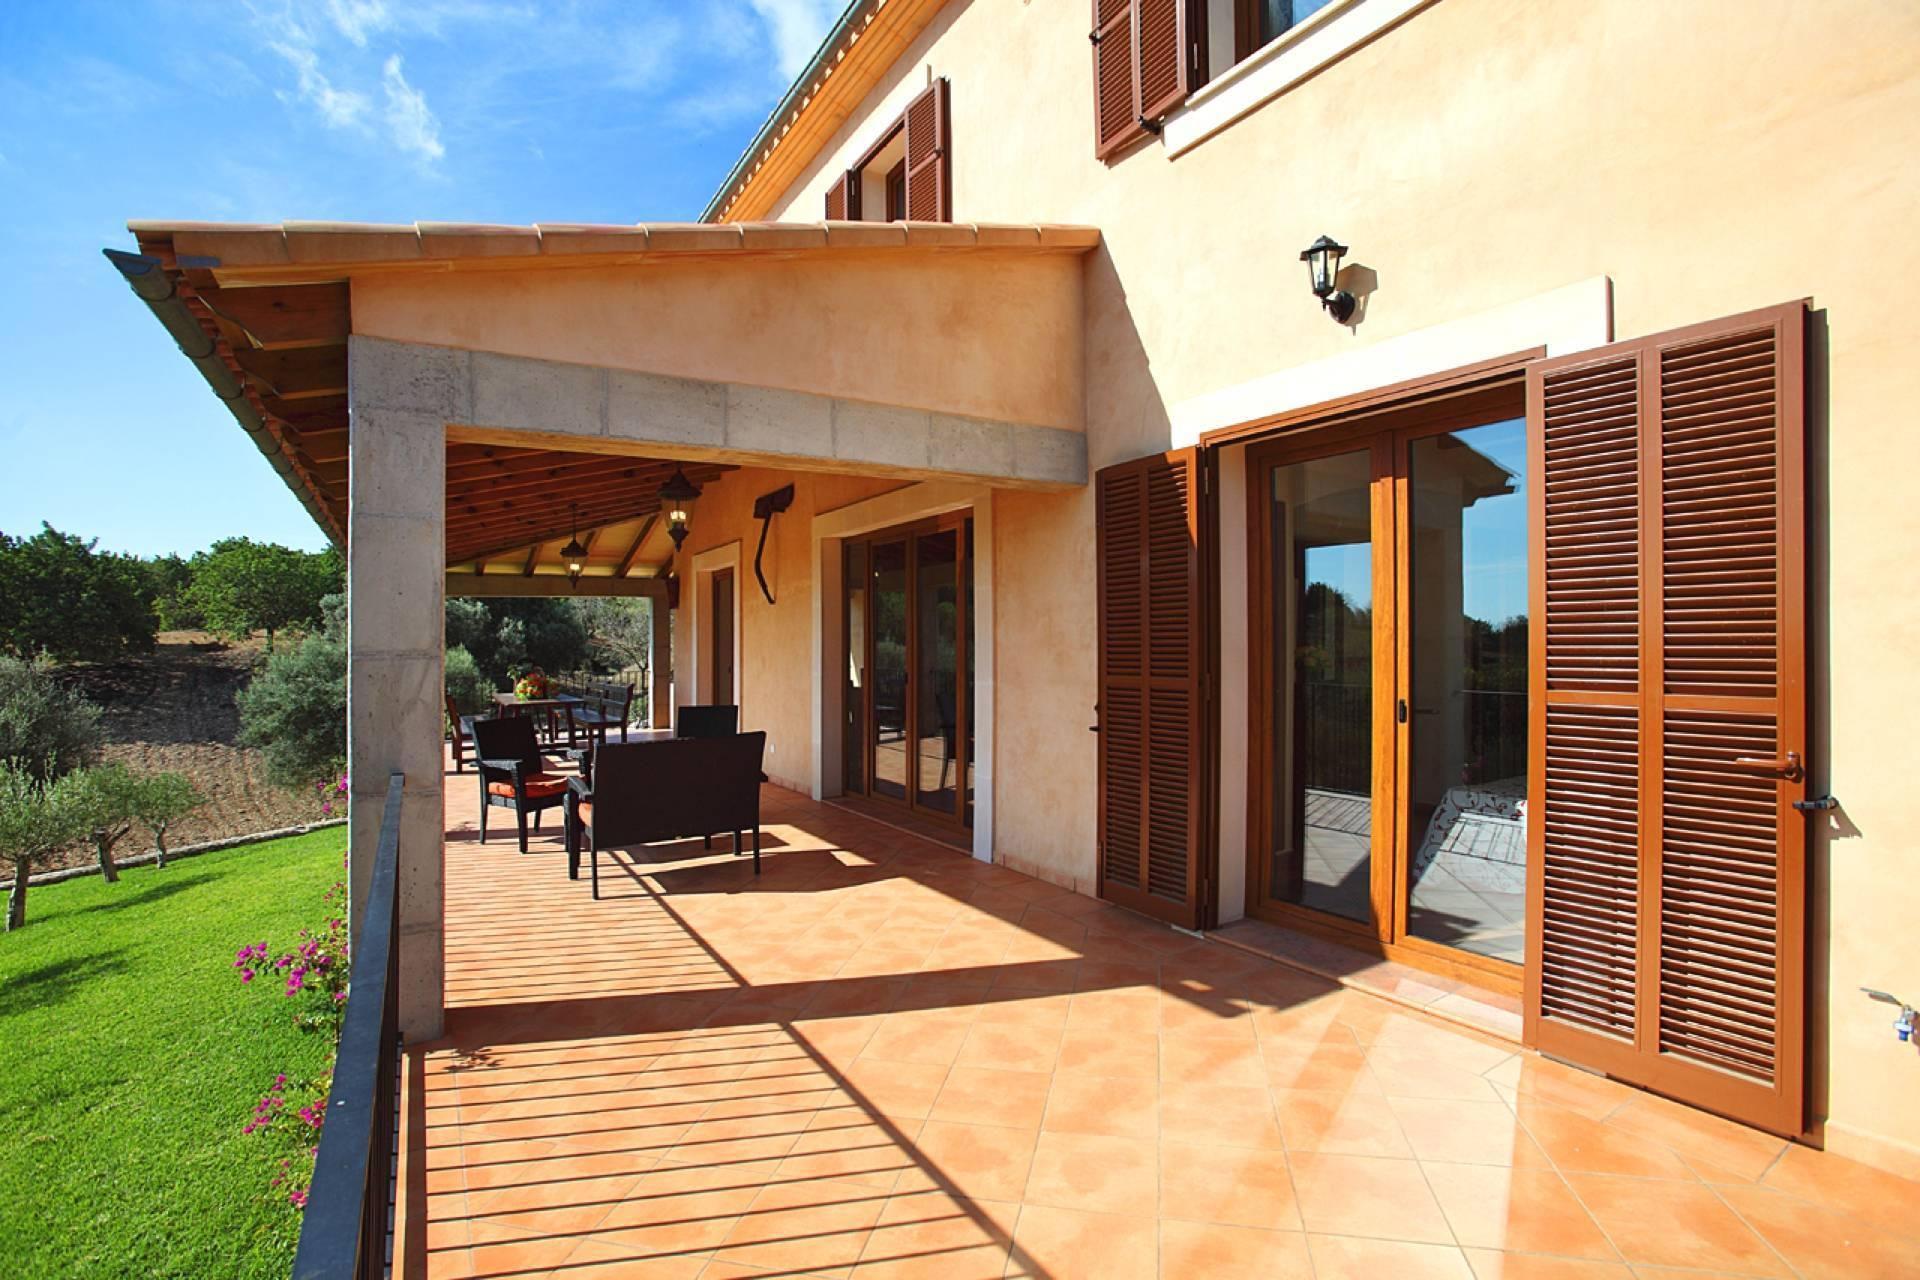 01-159 Ländliches Ferienhaus Mallorca Osten Bild 13